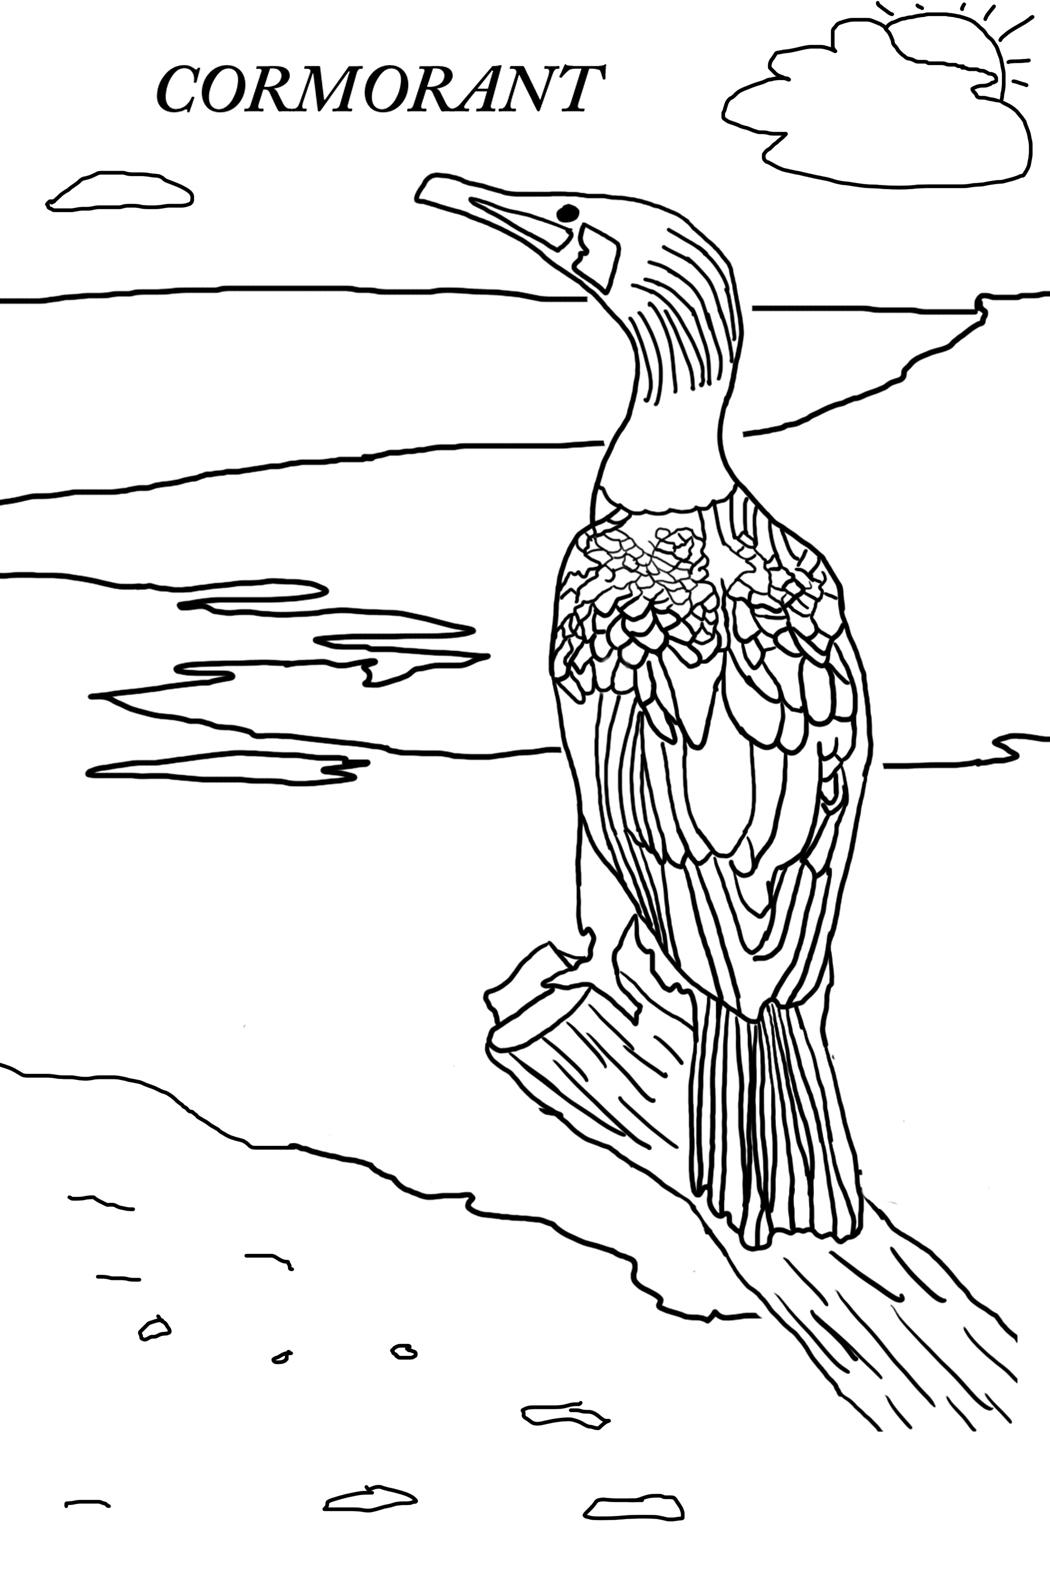 Cormorant coloring #1, Download drawings